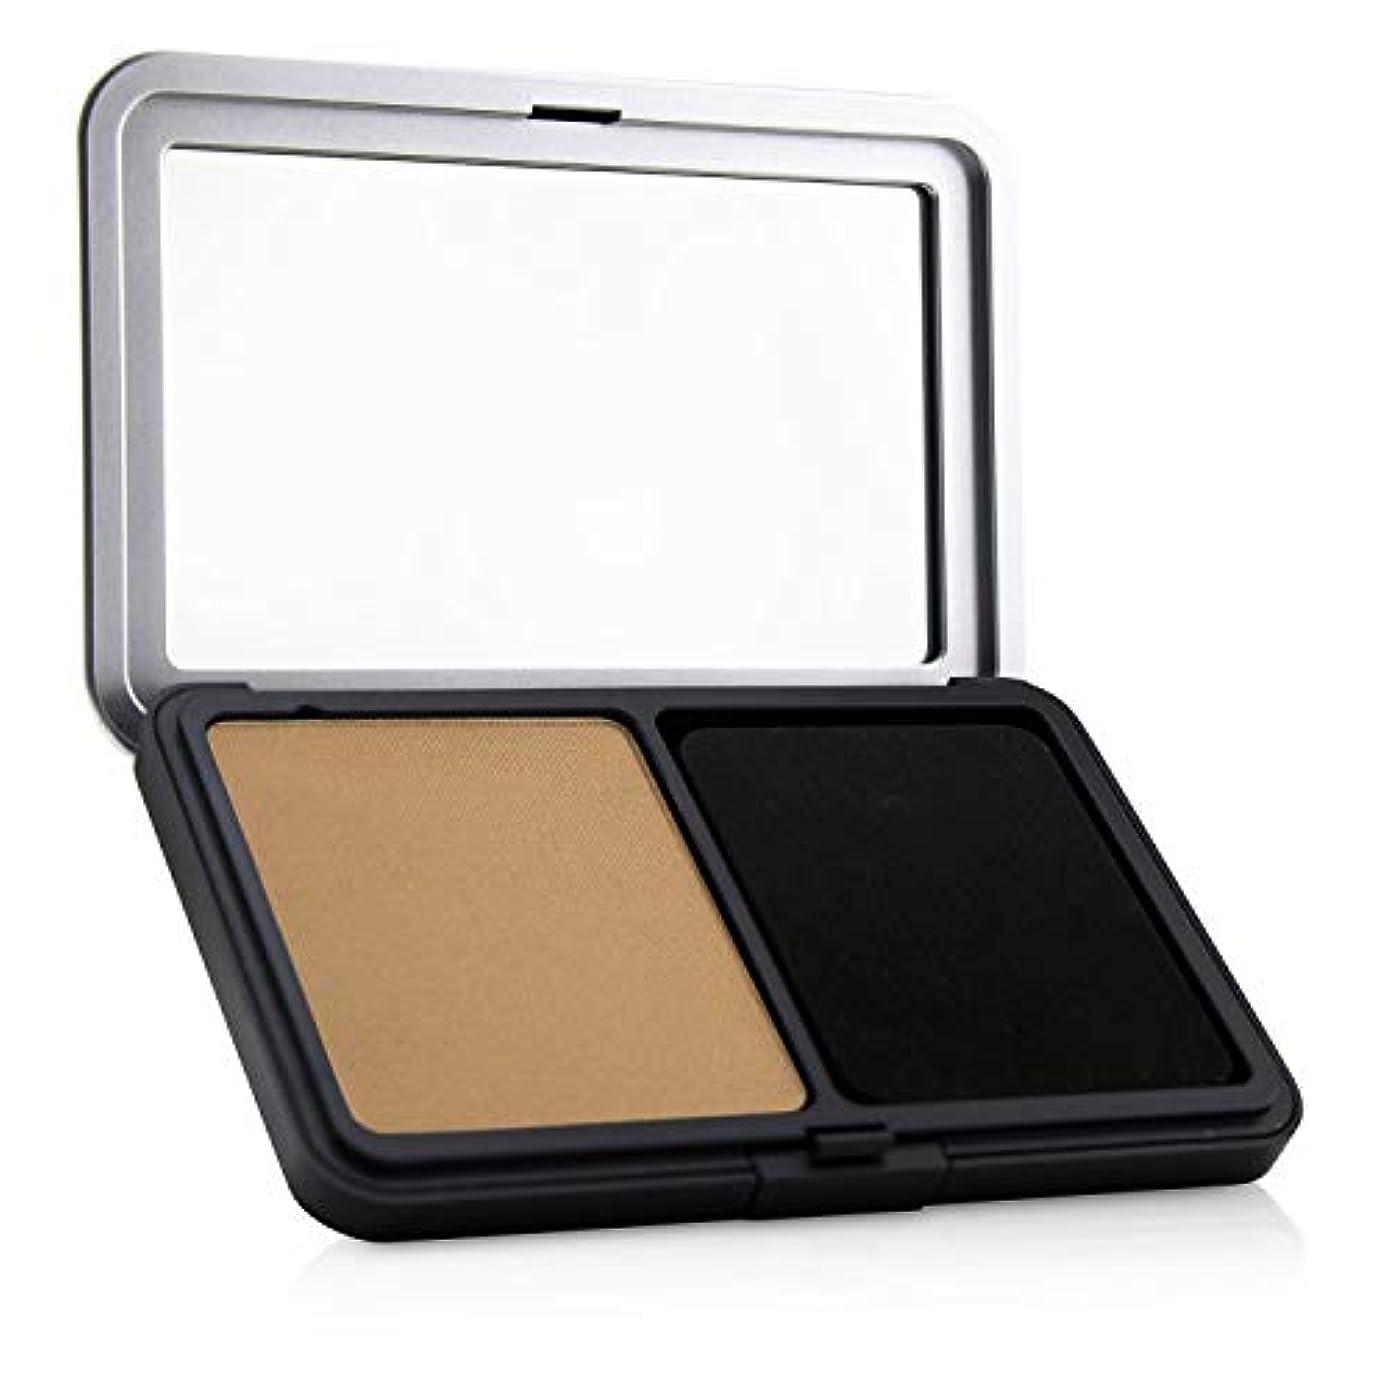 夫婦引き出し被るメイクアップフォーエバー Matte Velvet Skin Blurring Powder Foundation - # R370 (Medium Beige) 11g/0.38oz並行輸入品